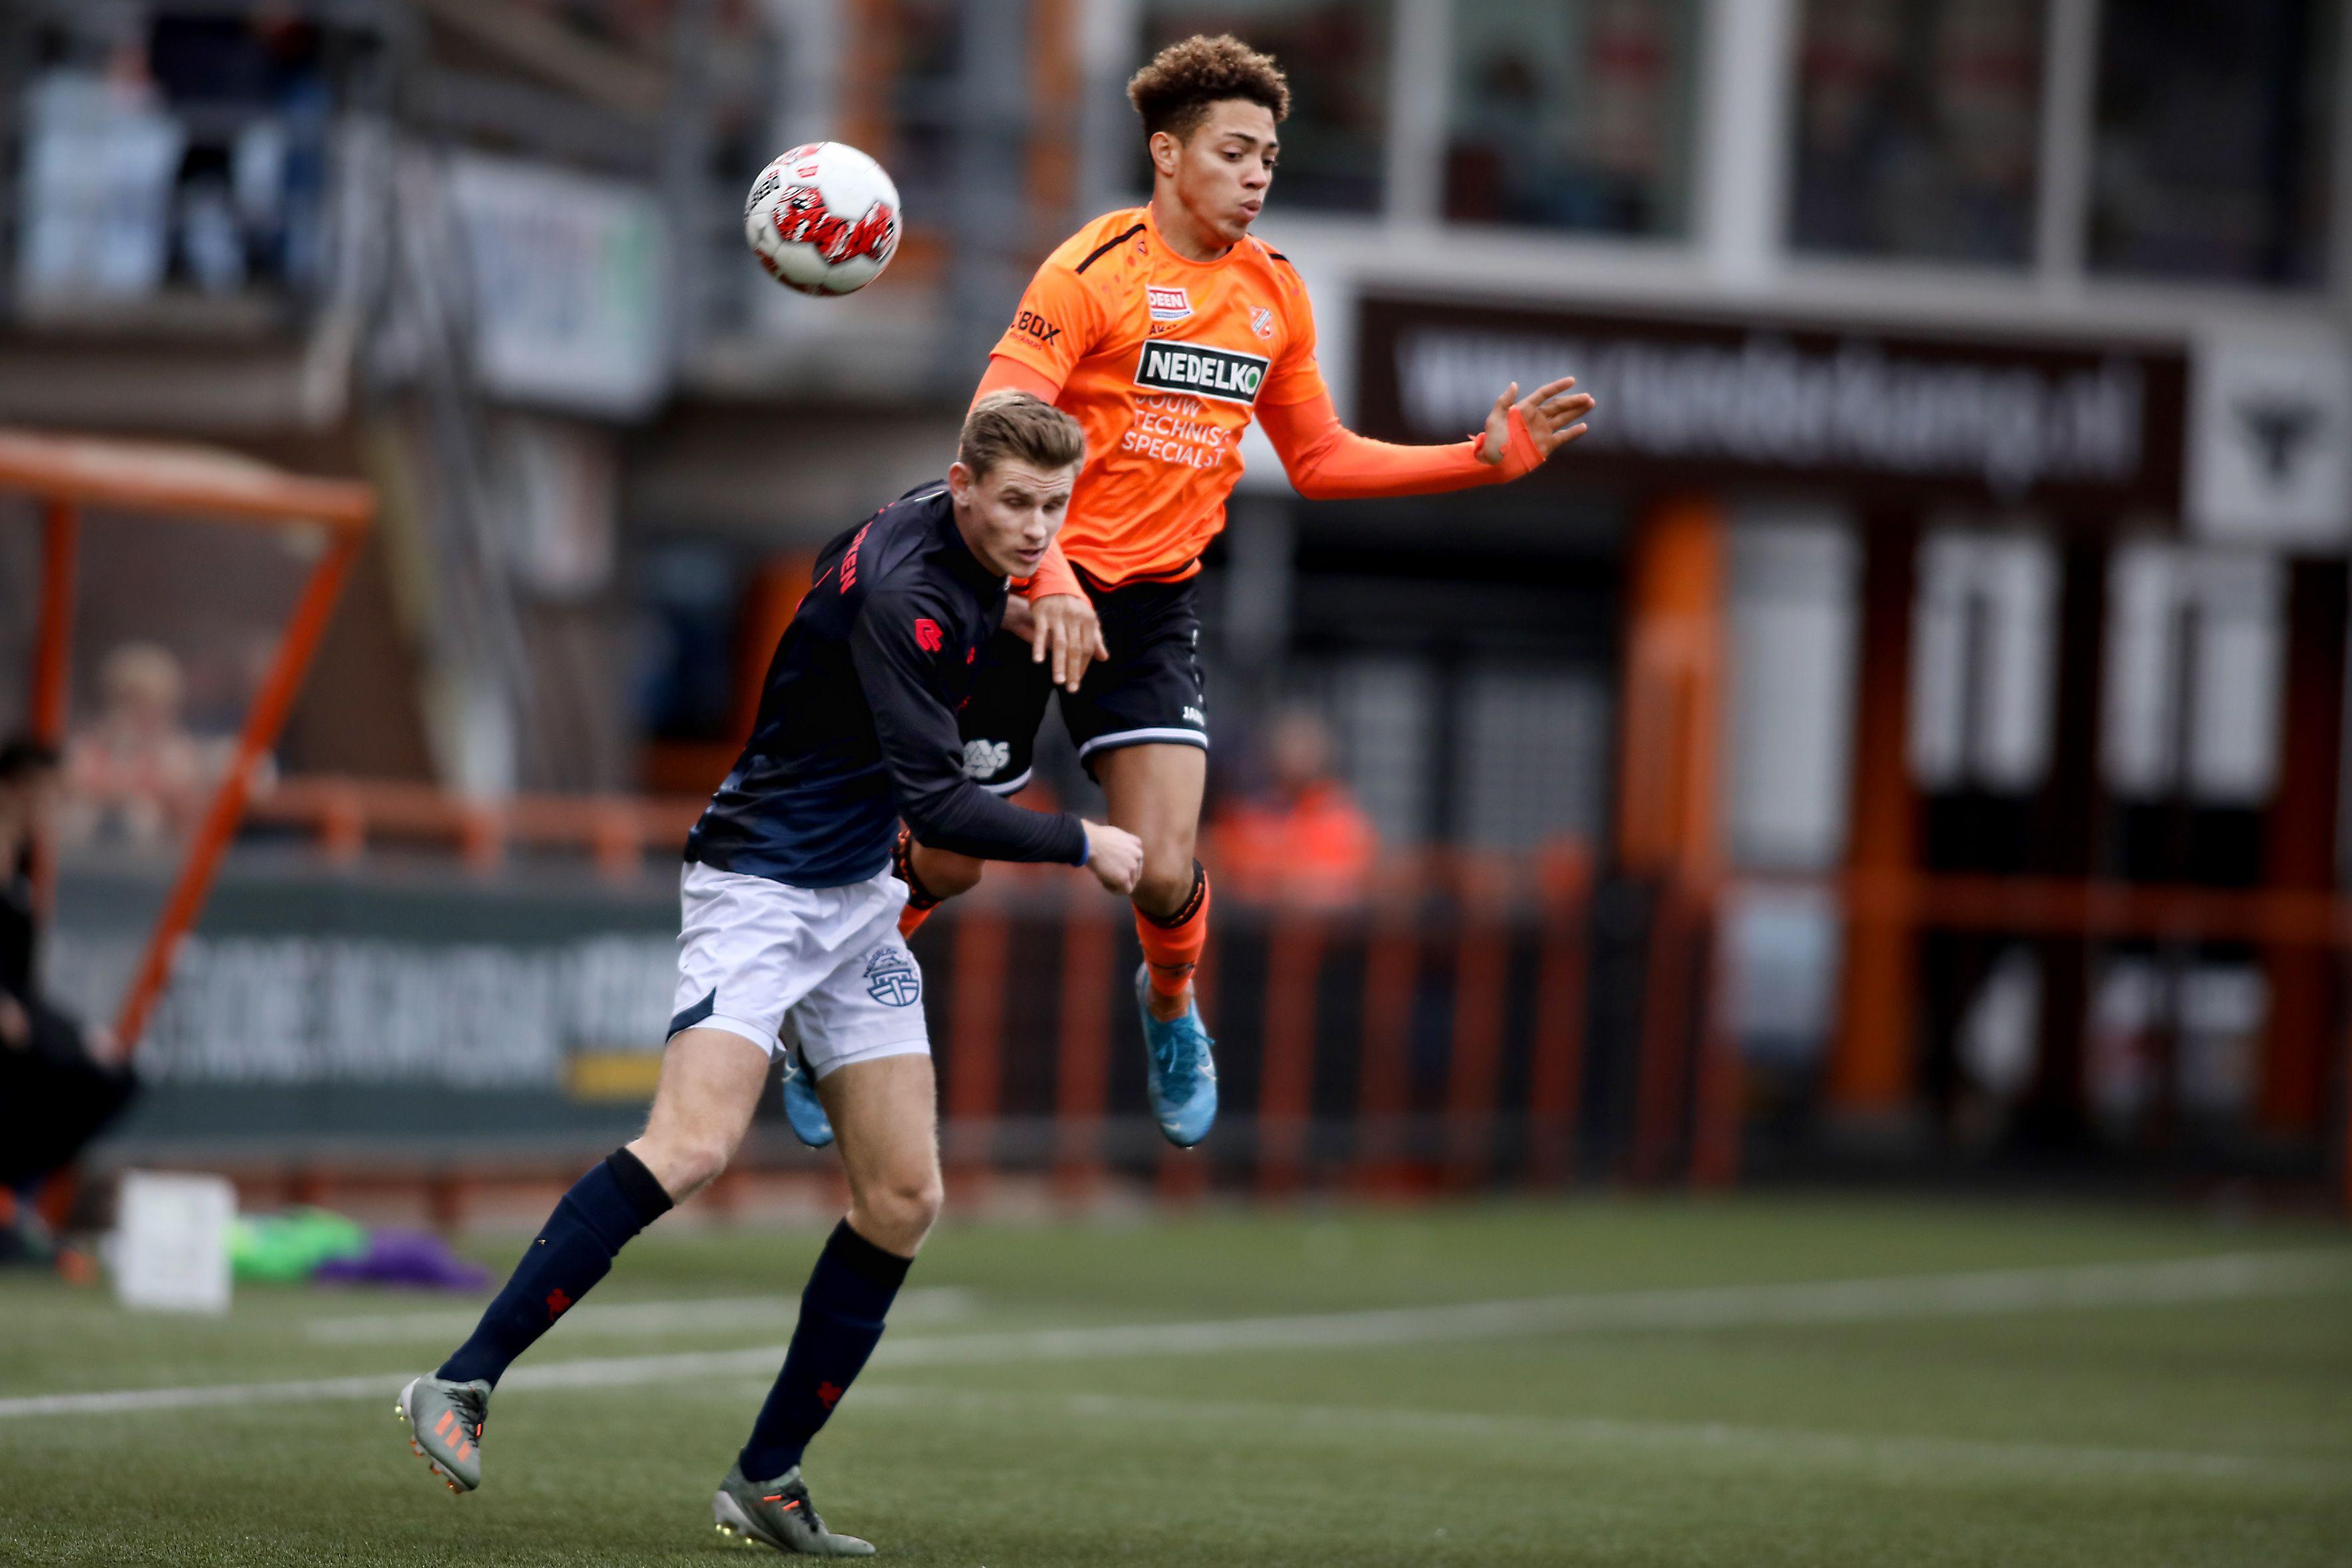 Eindelijk loon naar werken voor Jong FC Volendam